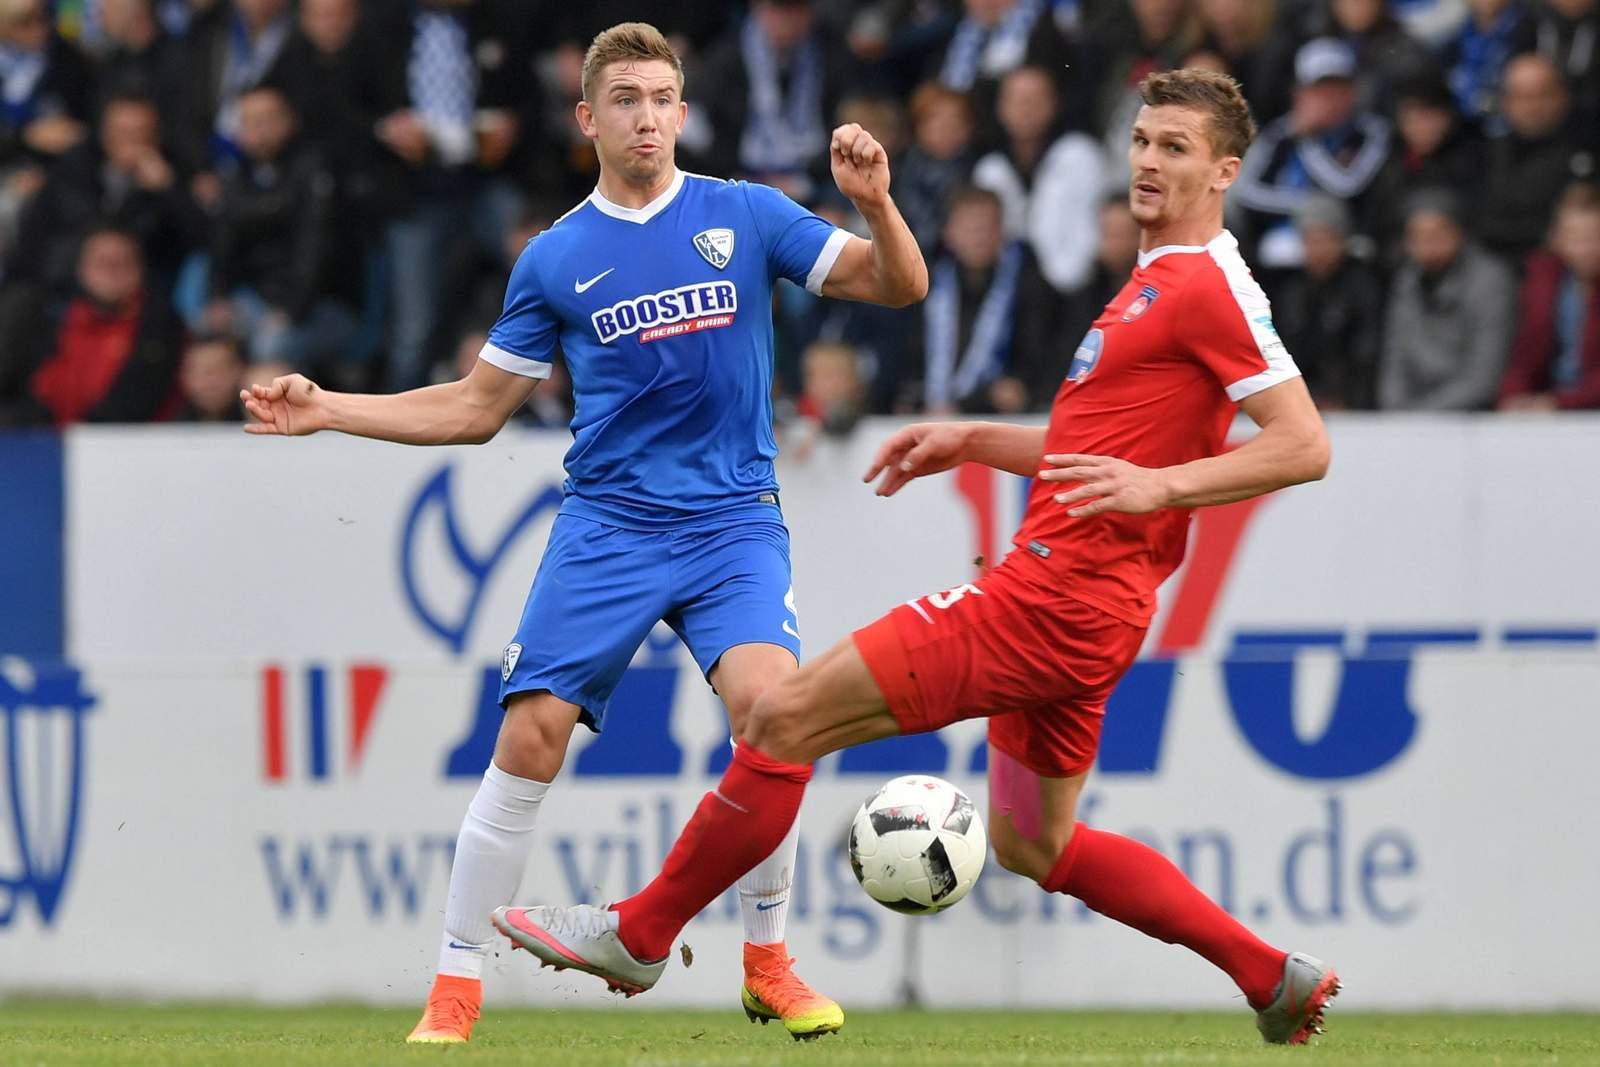 Mittelfeldspieler Marco Stiepermann wird den VfL Bochum mit sofortiger Wirkung verlassen